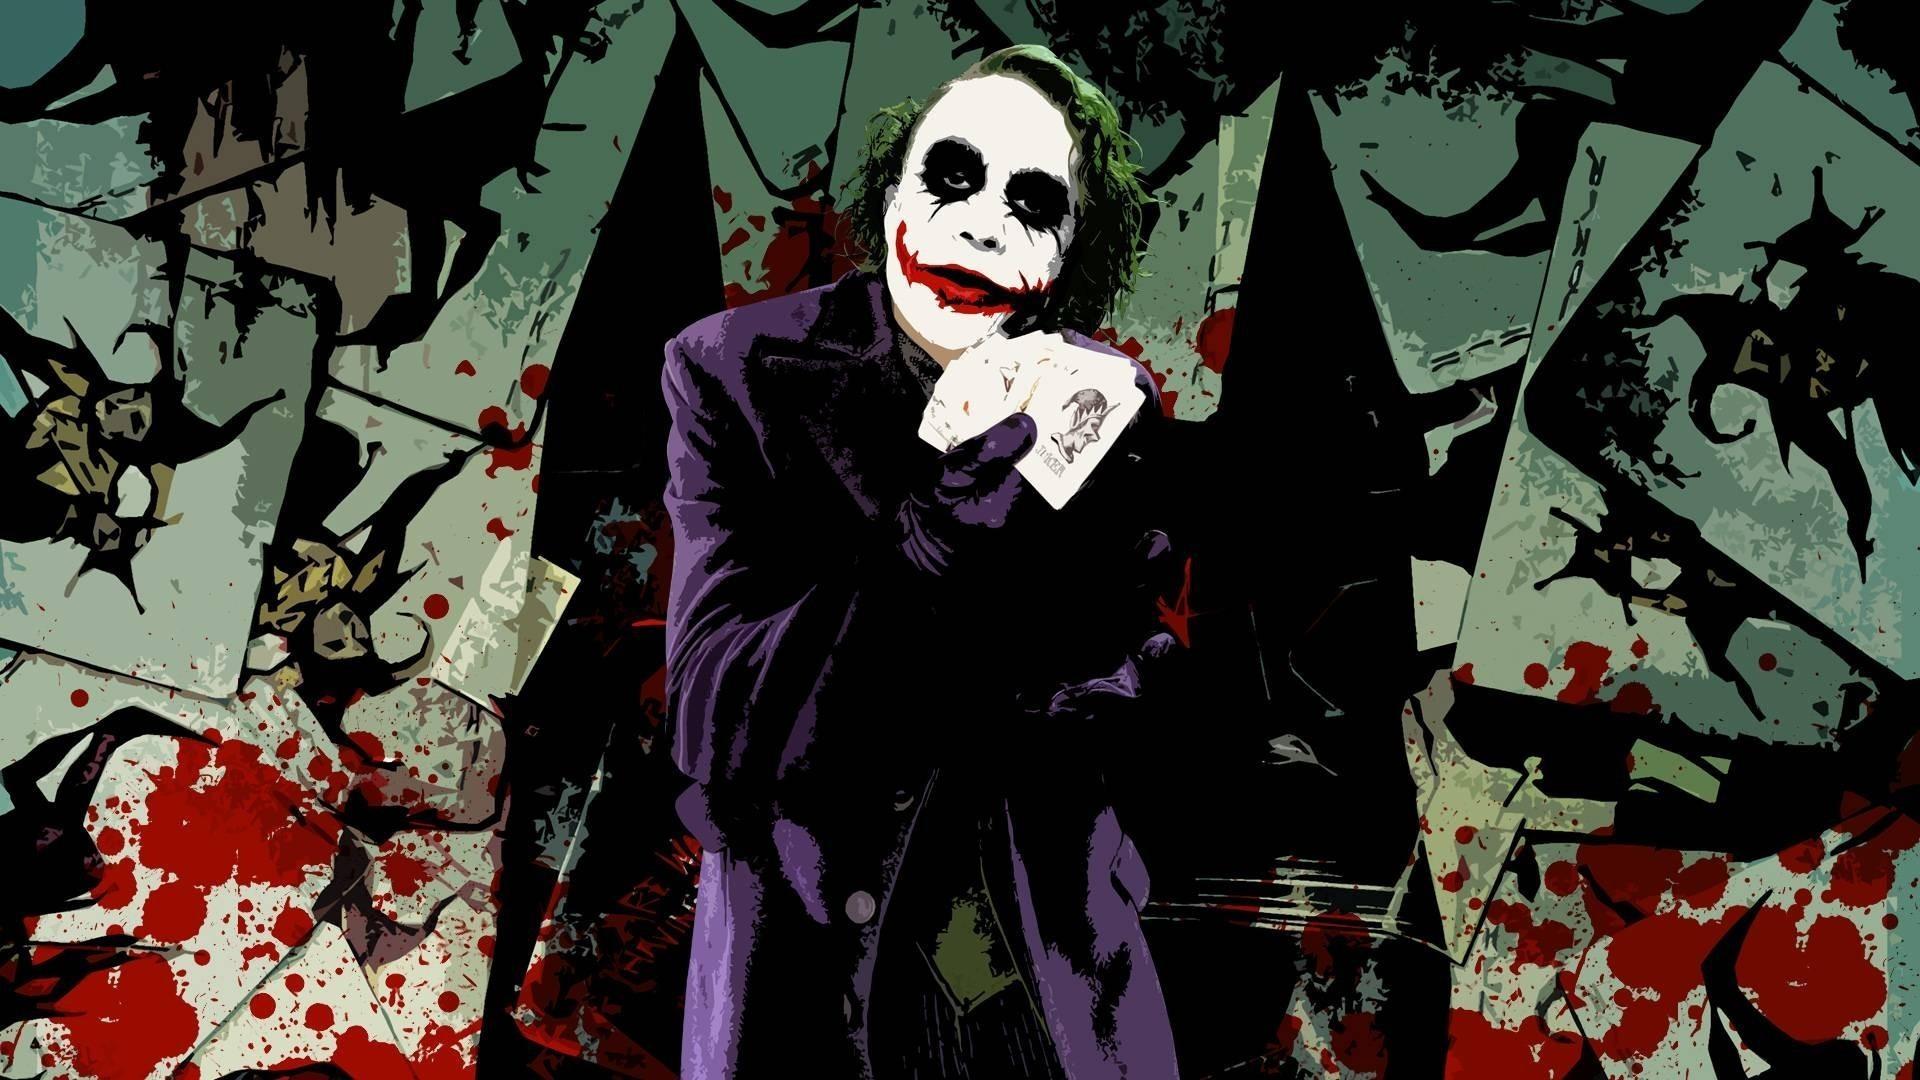 Res: 1920x1080, The Joker Full HD Wallpaper